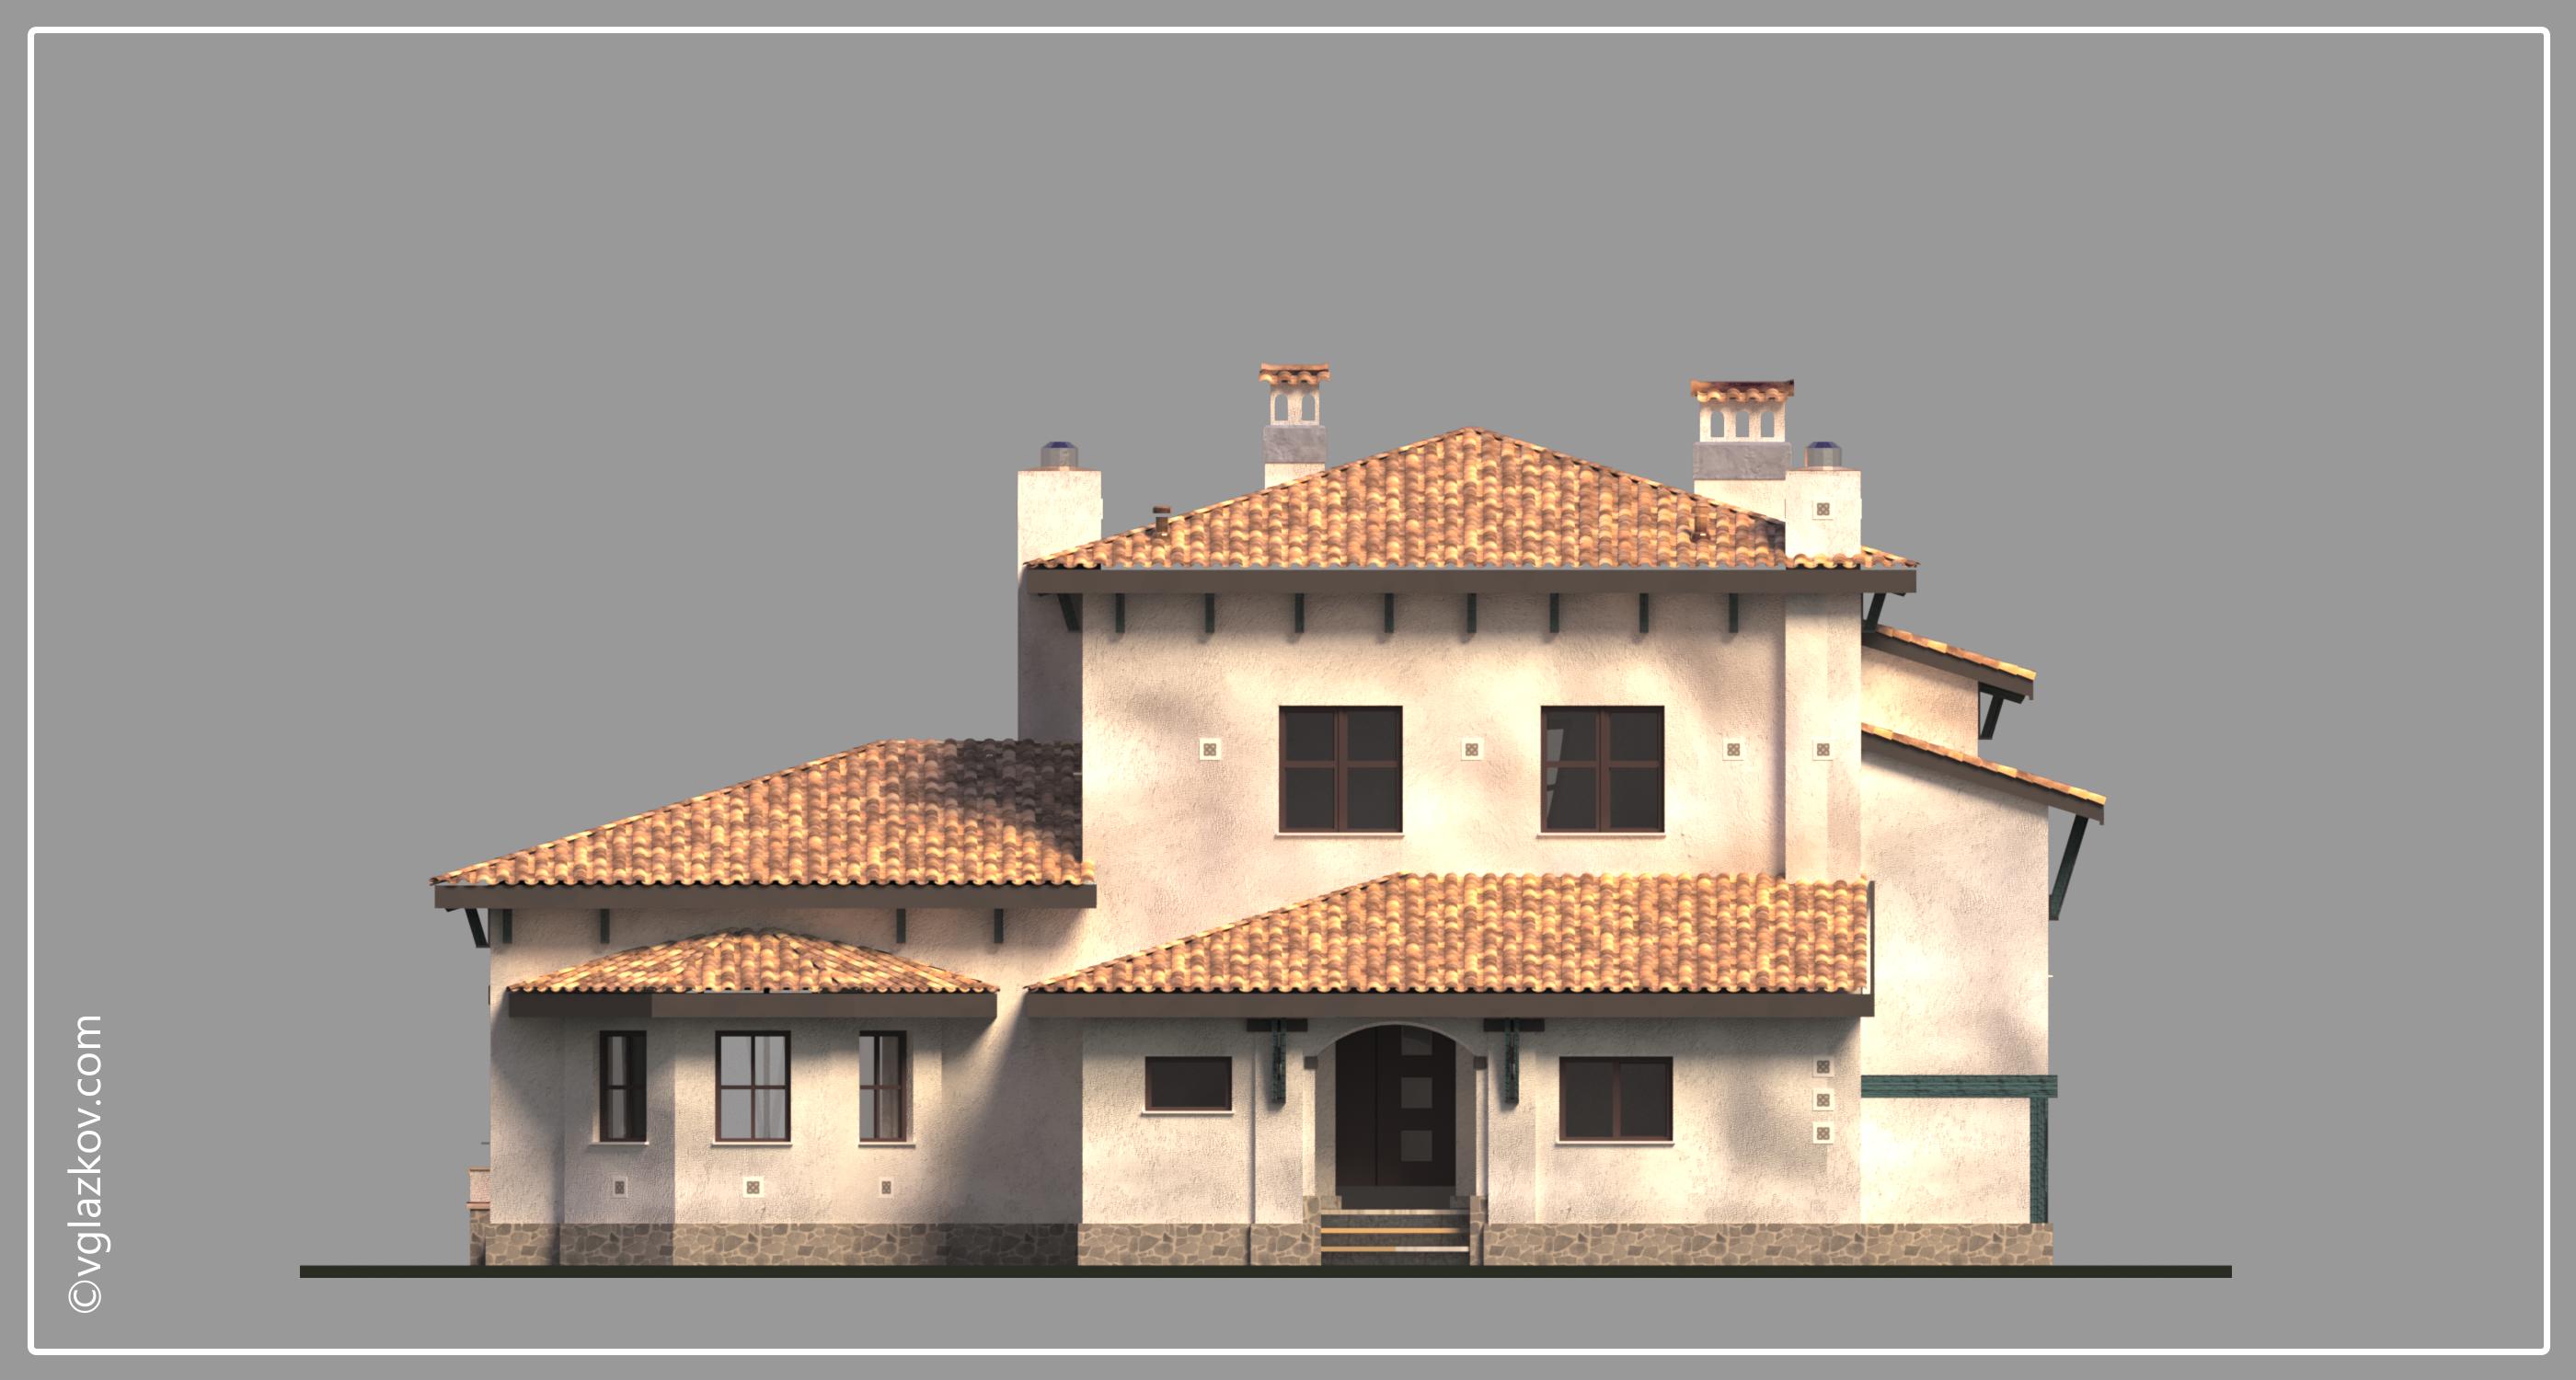 Проект дома в Средиземноморском стиле с террасами панорамными окнами, фасад 1